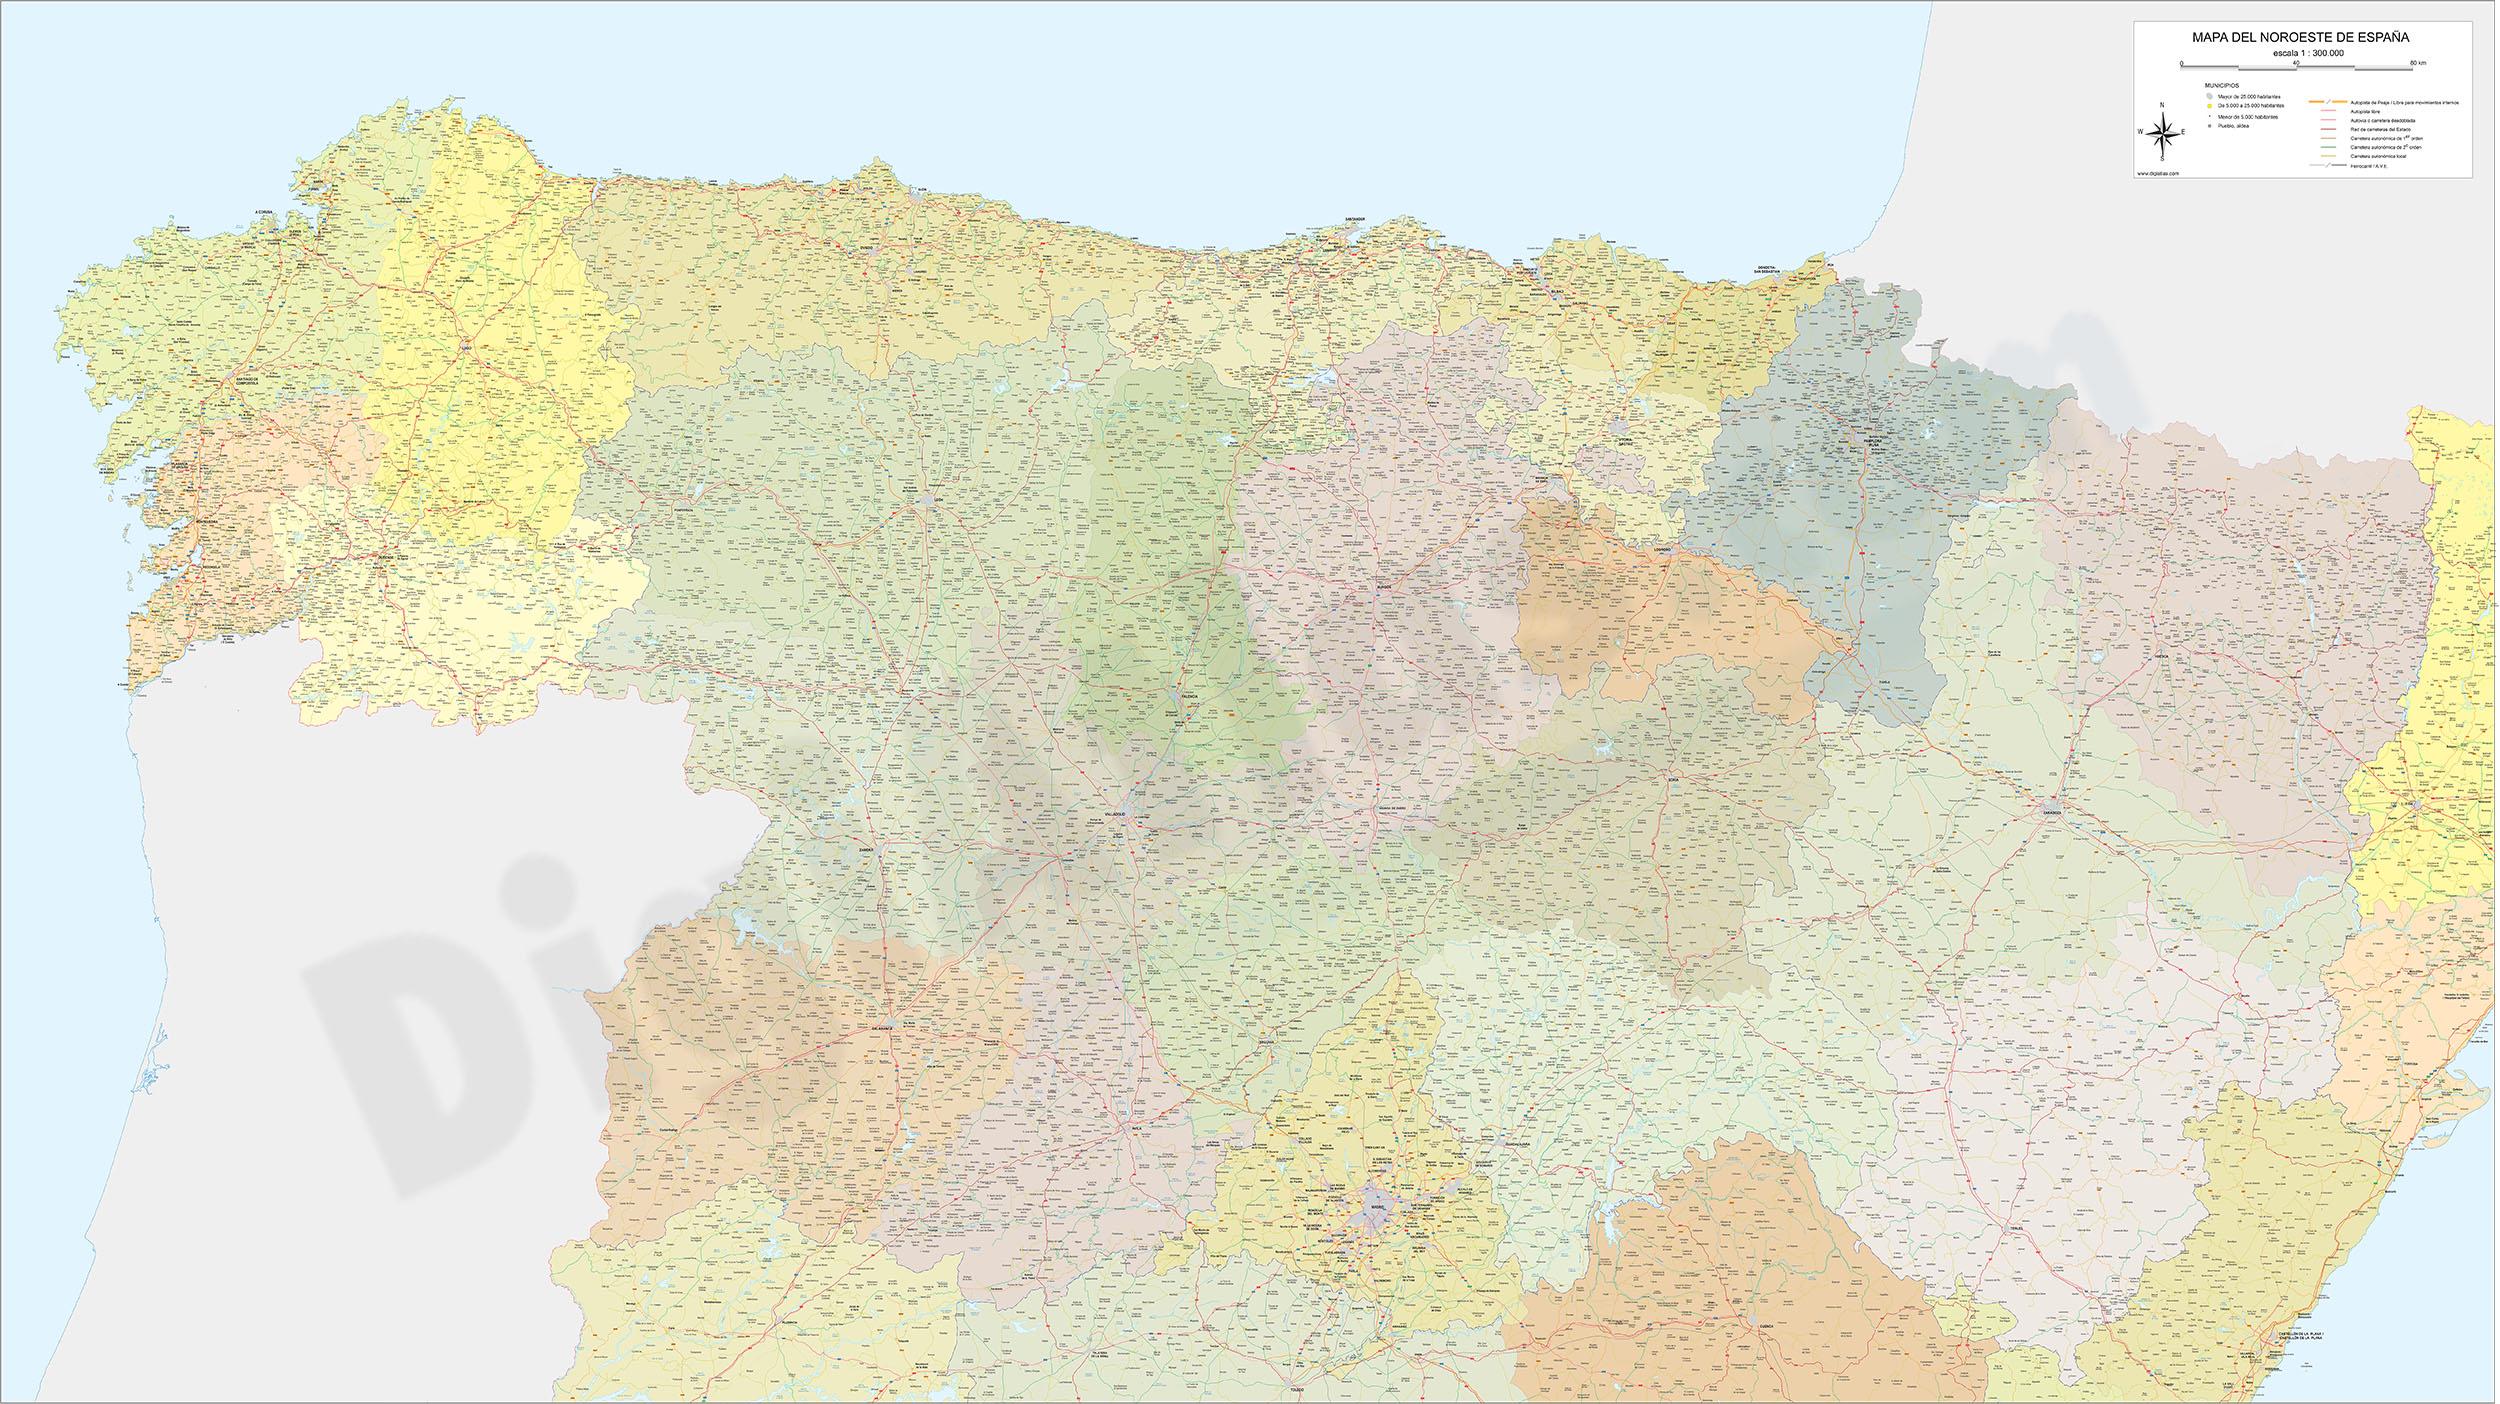 Mapa de carreteras y poblaciones del Noroeste de España